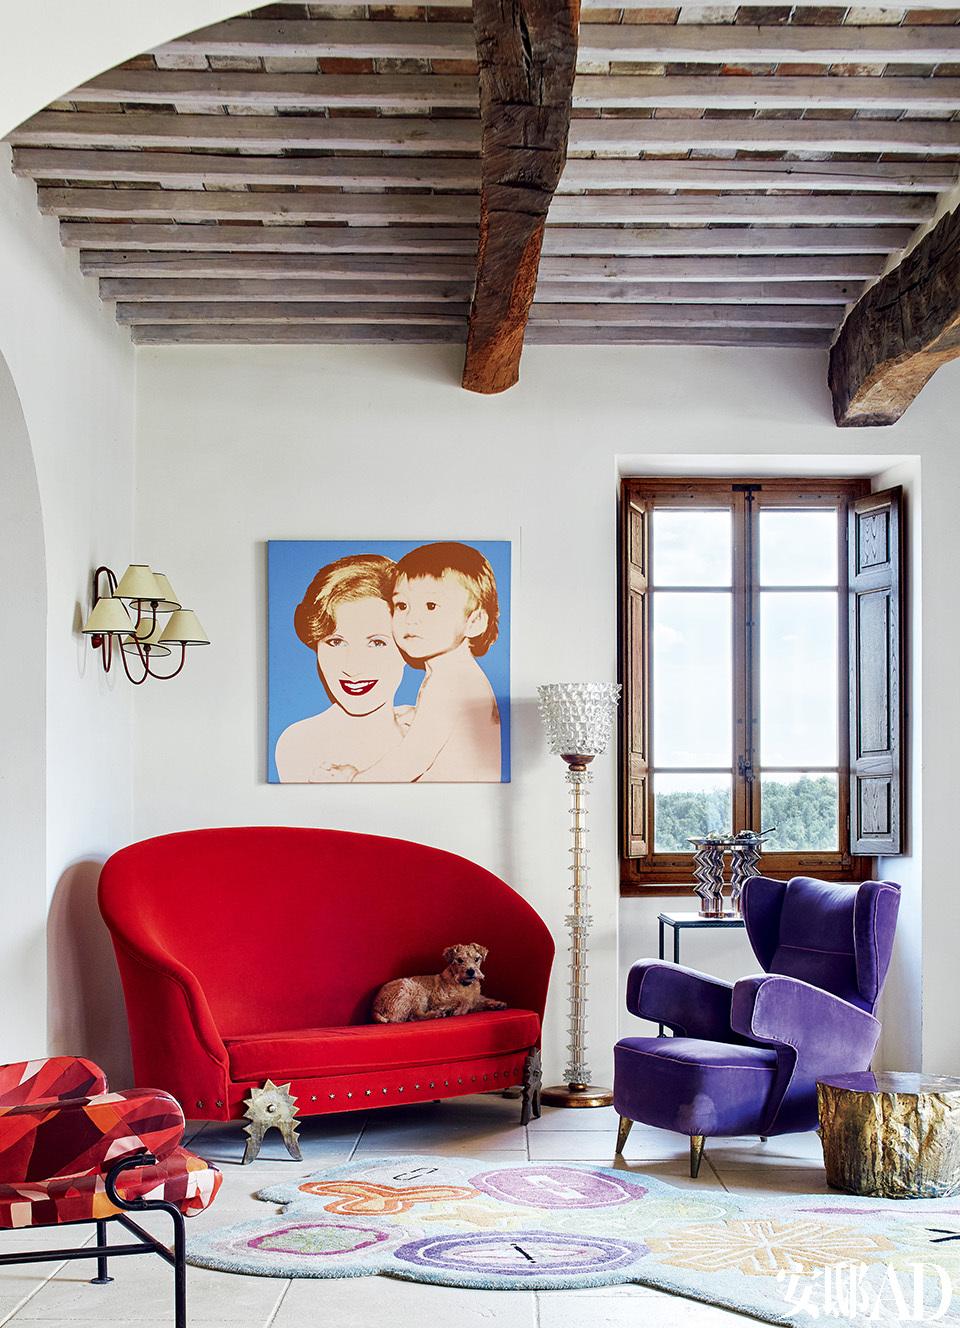 红色沙发来自法国设计师拍档Garouste &Bonetti,紫色扶手椅来自Gio Ponti,玻璃坐灯来自Barovier&Toso。窗边控制台上摆放的玻璃花瓶来自Ettore Sottsass(1917-2007)。左侧墙灯来自法国设计师Jean Royère(1902-1981)。画作来 自安迪·沃霍尔,画上是Suzanne和儿子Marc。